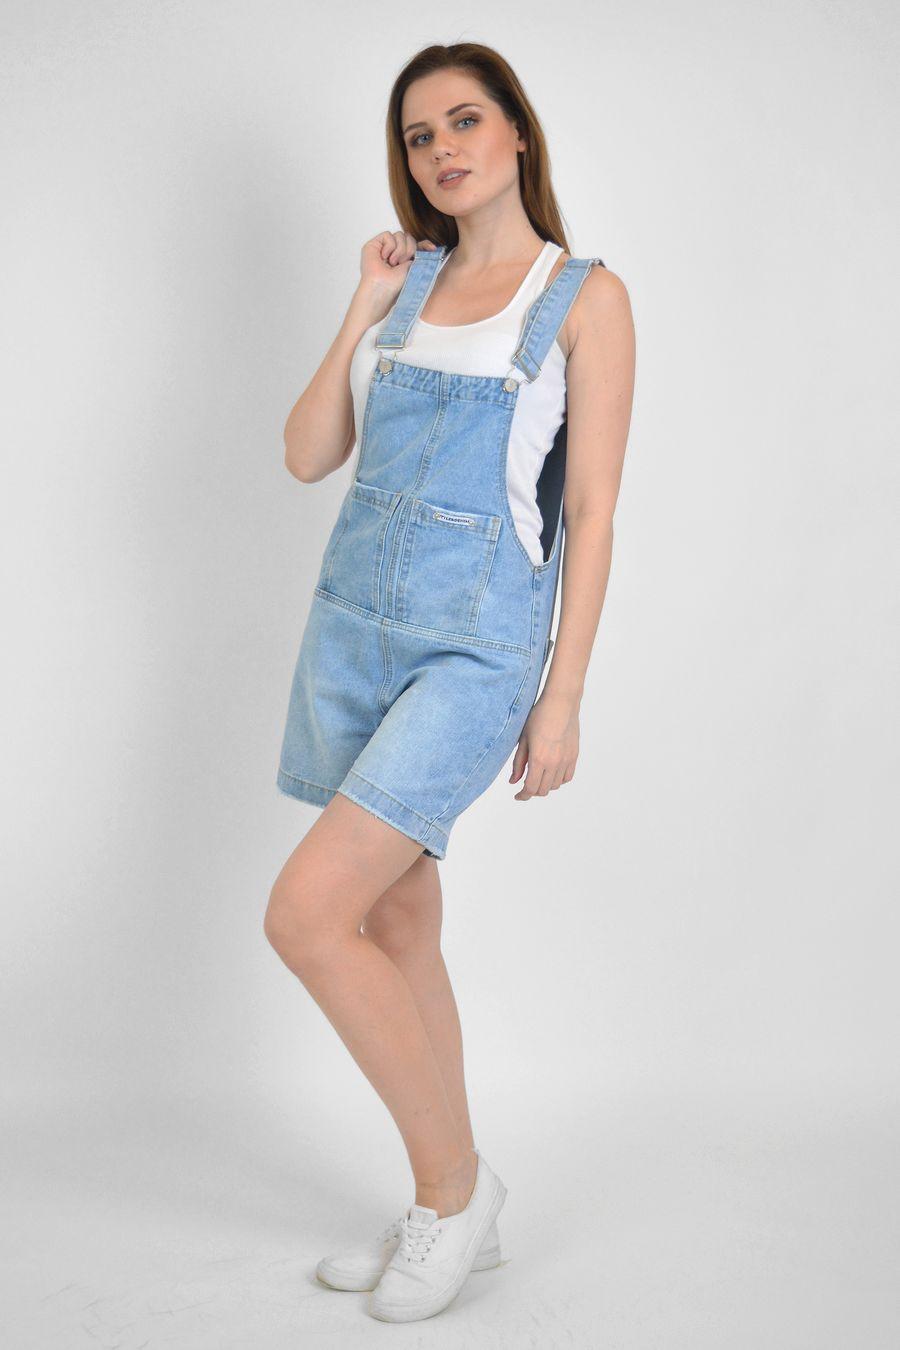 Комбинезон женский Baccino C9865 джинсовый - фото 1